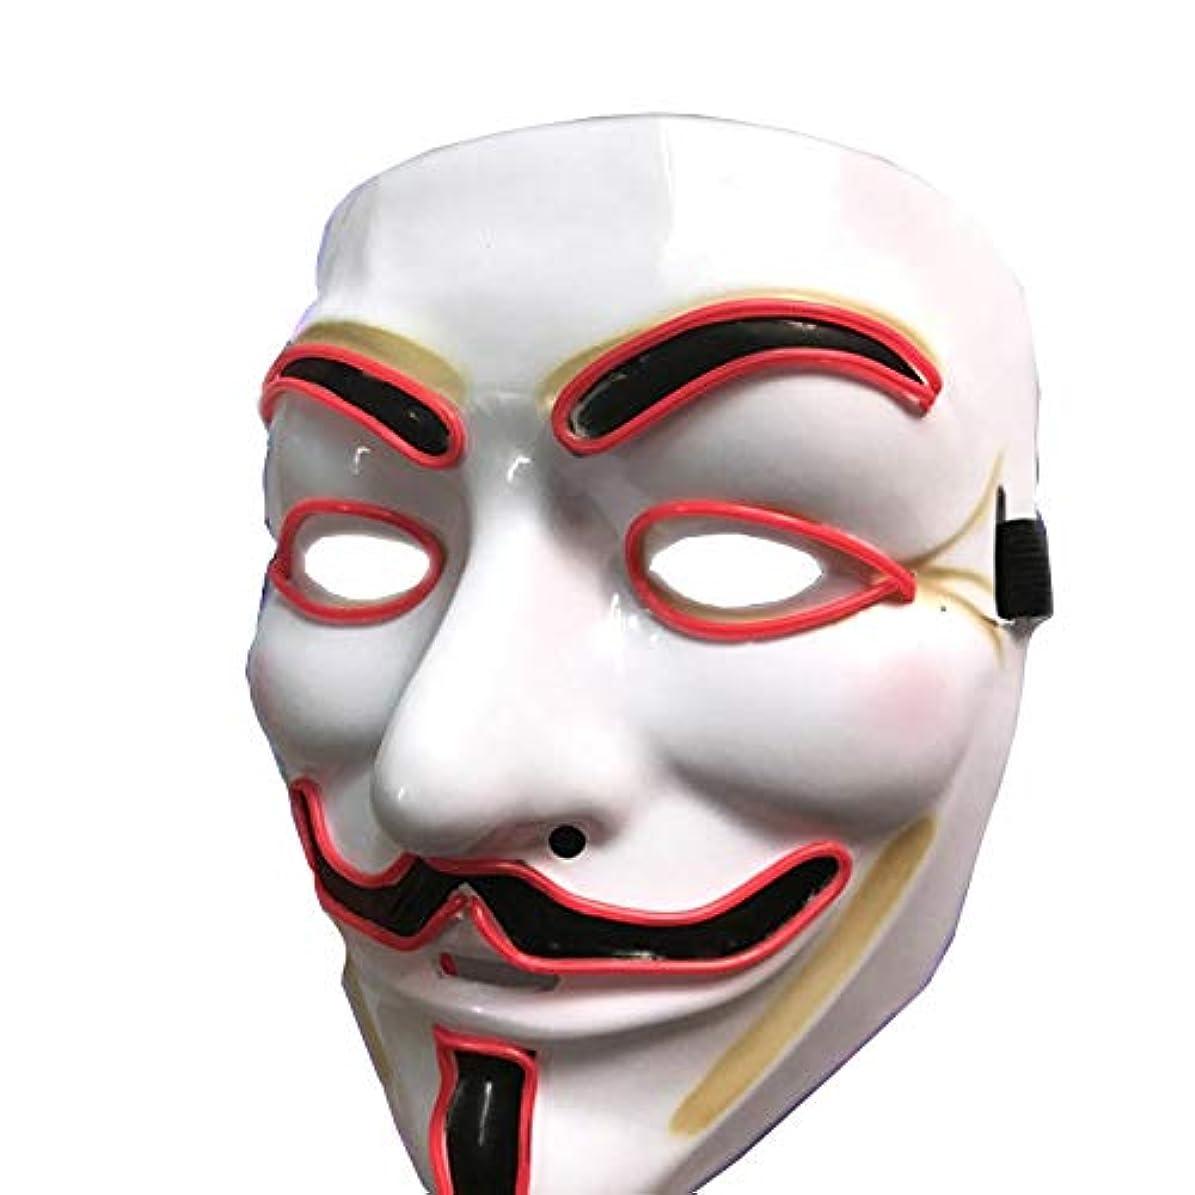 最終無関心セーターハロウィーンマスクLEDライトアップマスクグローイングマスク、コスプレ、レッド